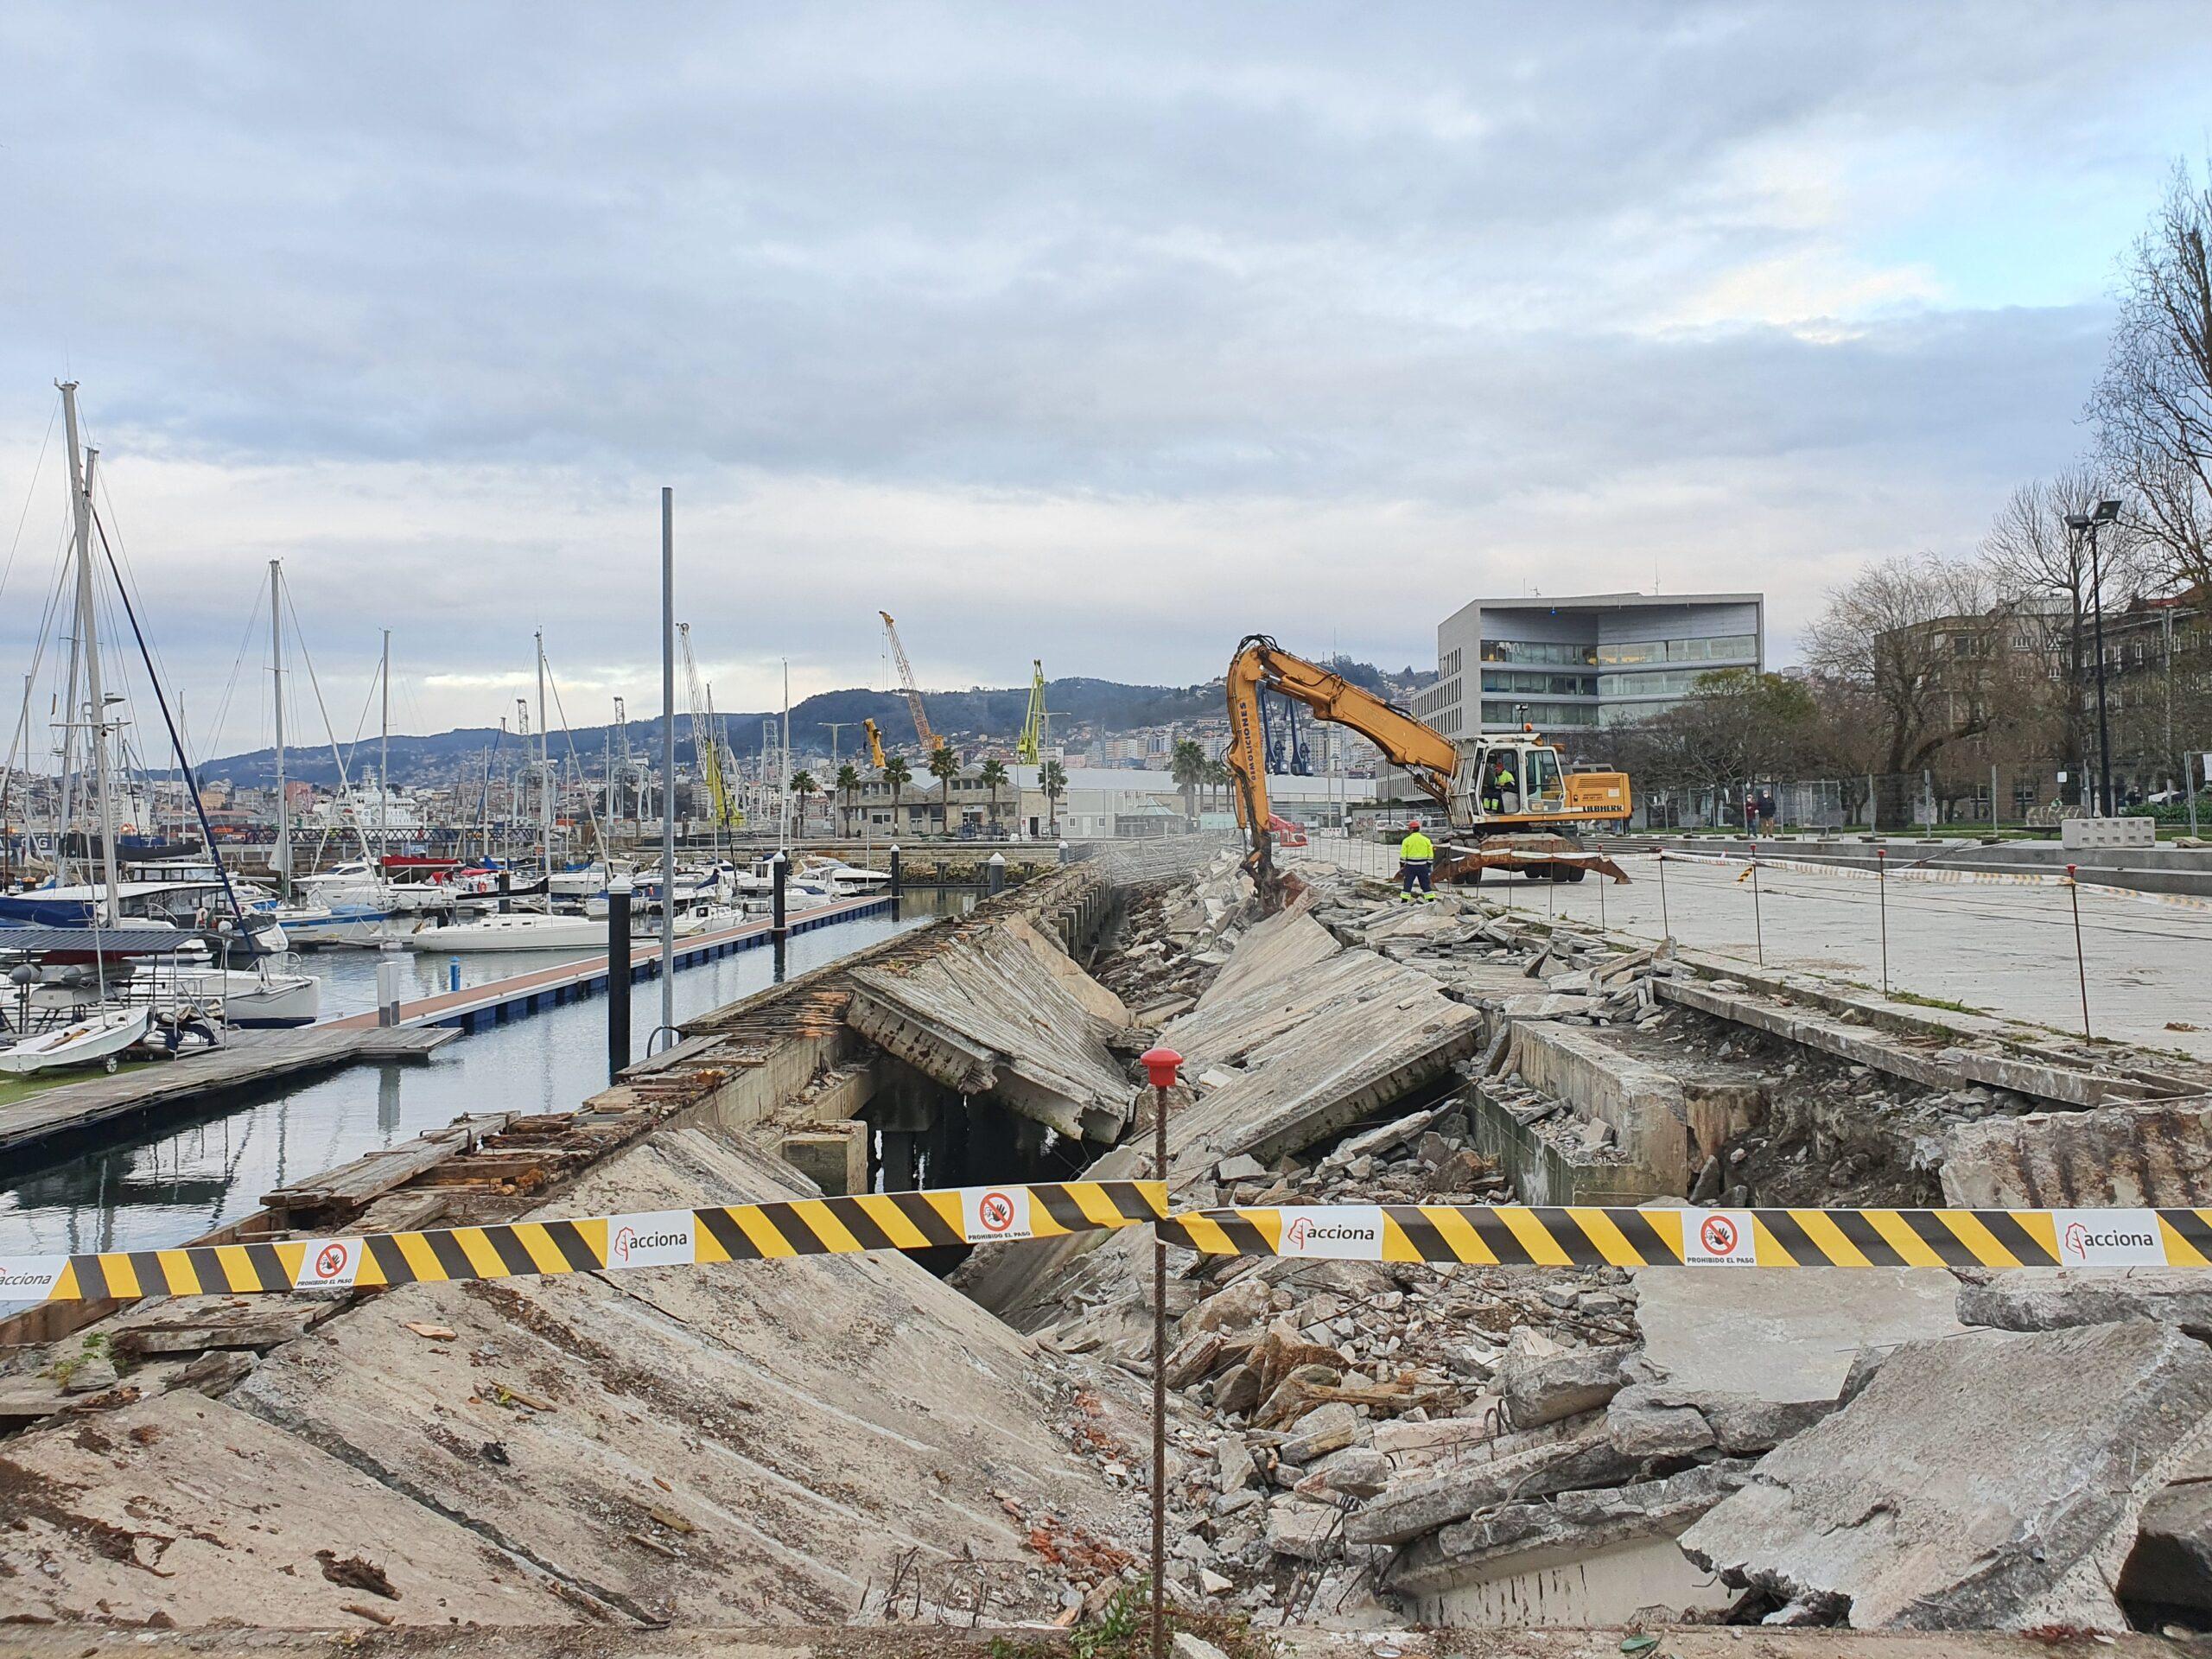 Obras zona accidente O Marisquiño Vigo/vigoalminuto.com